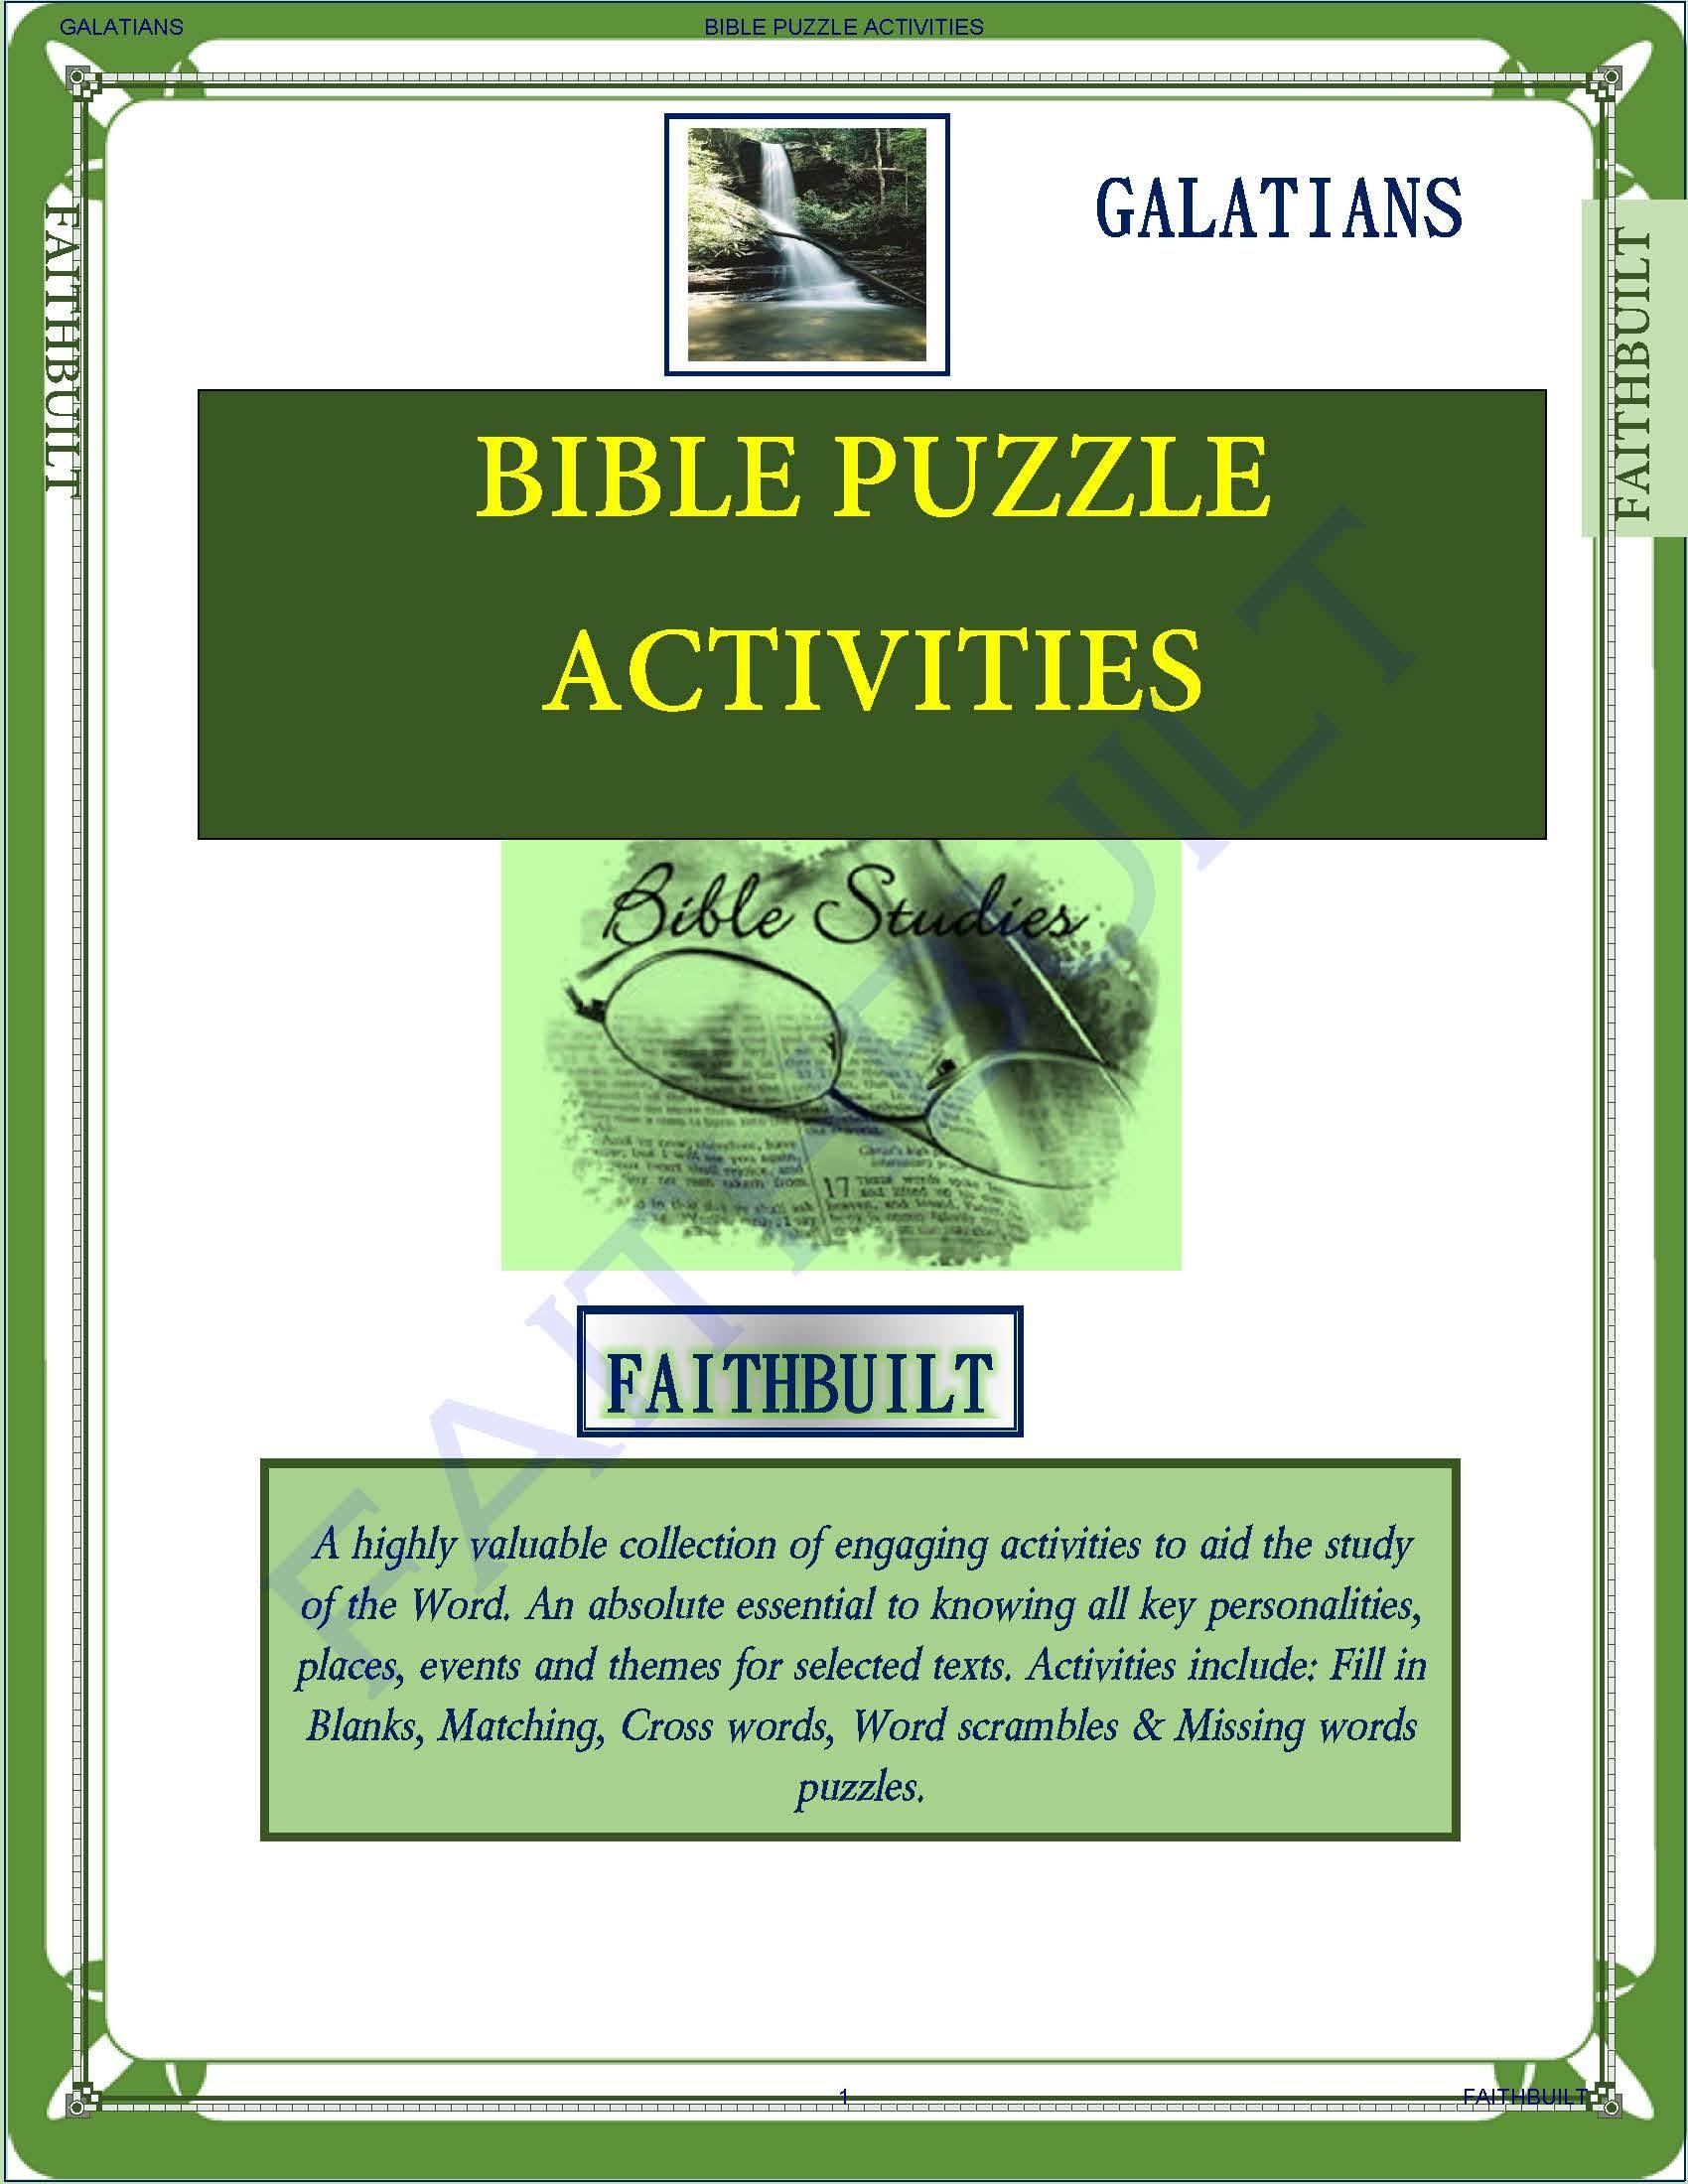 GALATIANS - BIBLE PUZZLES & ACTIVITIES | FAITHBUILT ...